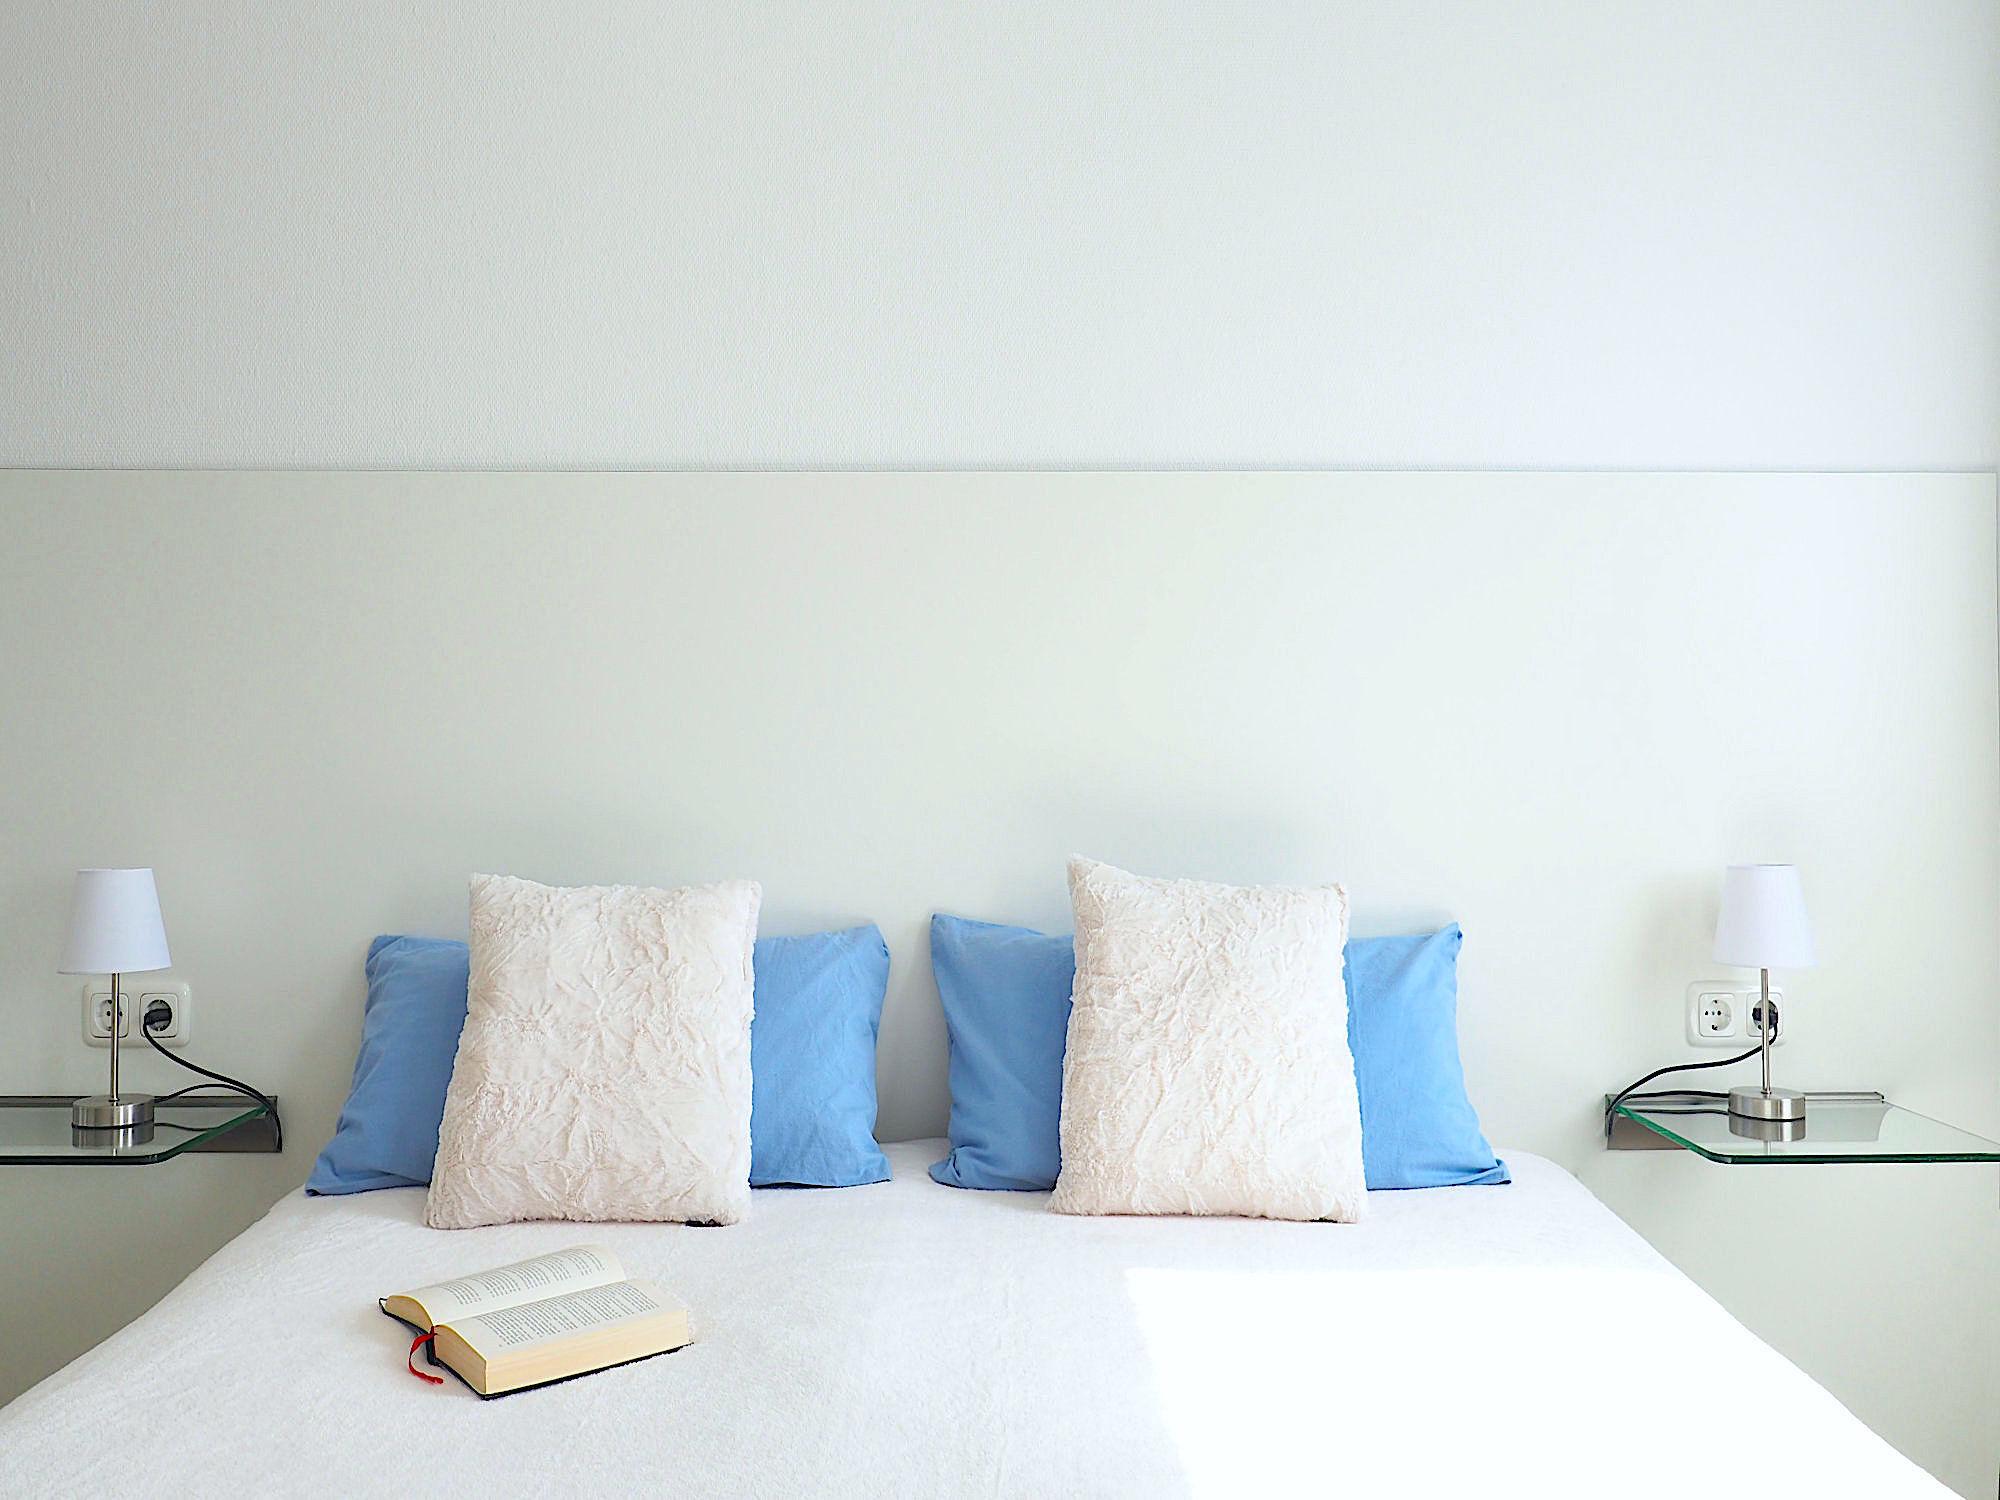 Schlafzimmer mit Doppelbett, Kopfteil mit Kopfkissen